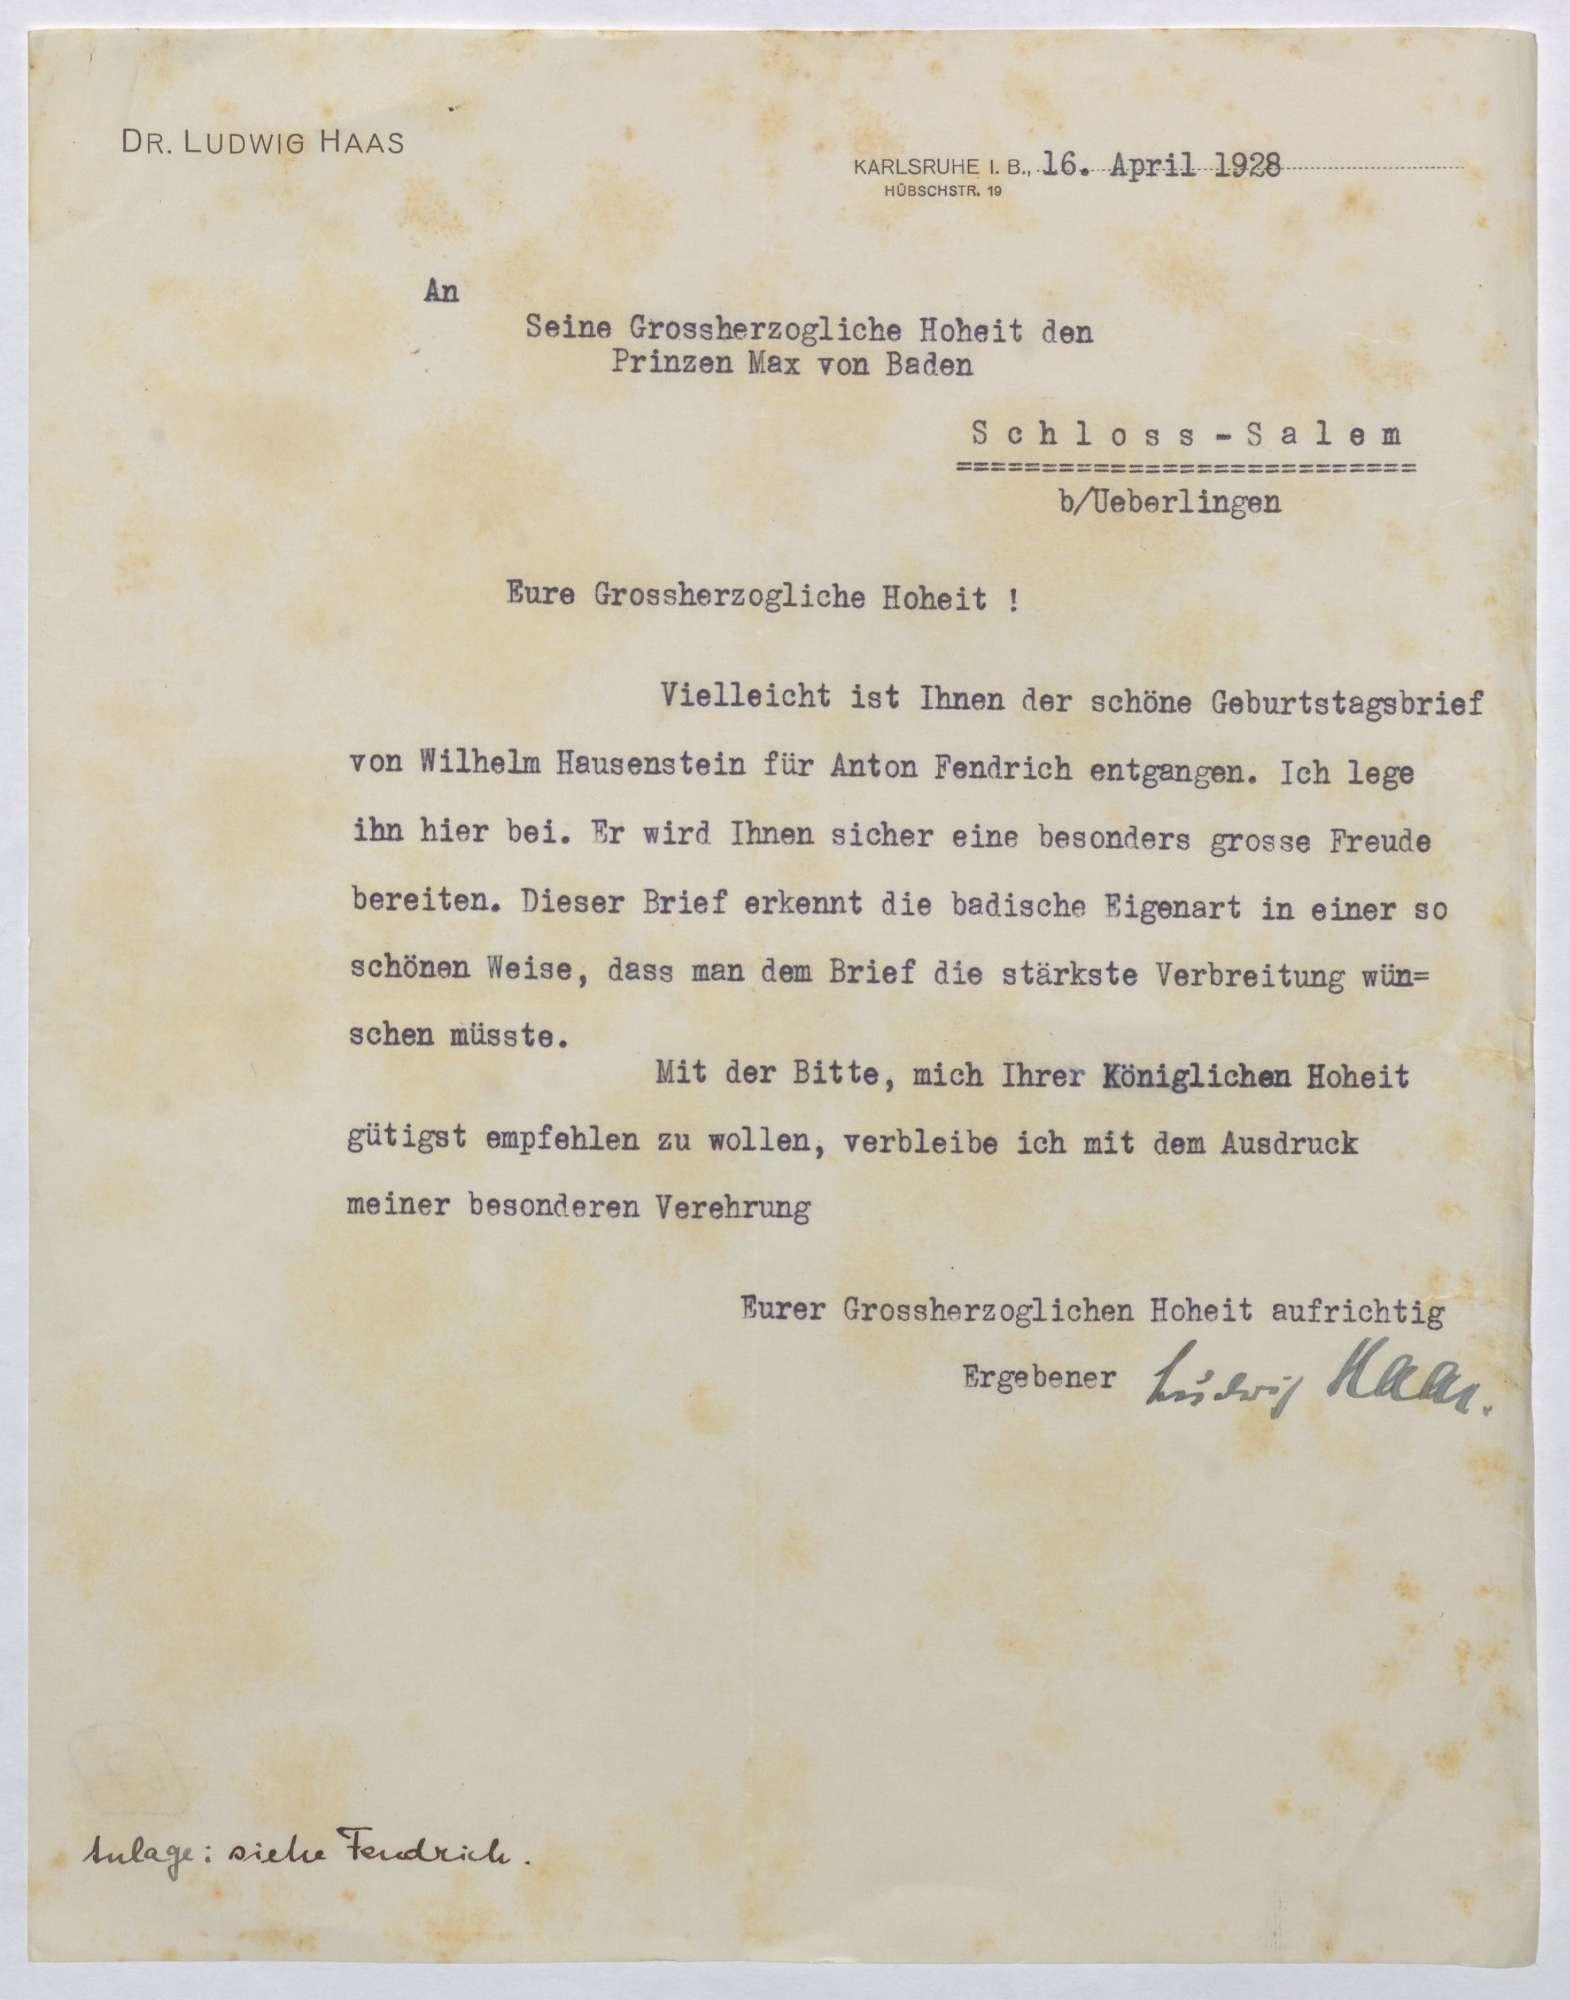 Schreiben von Ludwig Haas an Prinz Max von Baden; Geburtstagsbrief von Wilhelm Hausenstein an Anton Fendrich, Bild 1